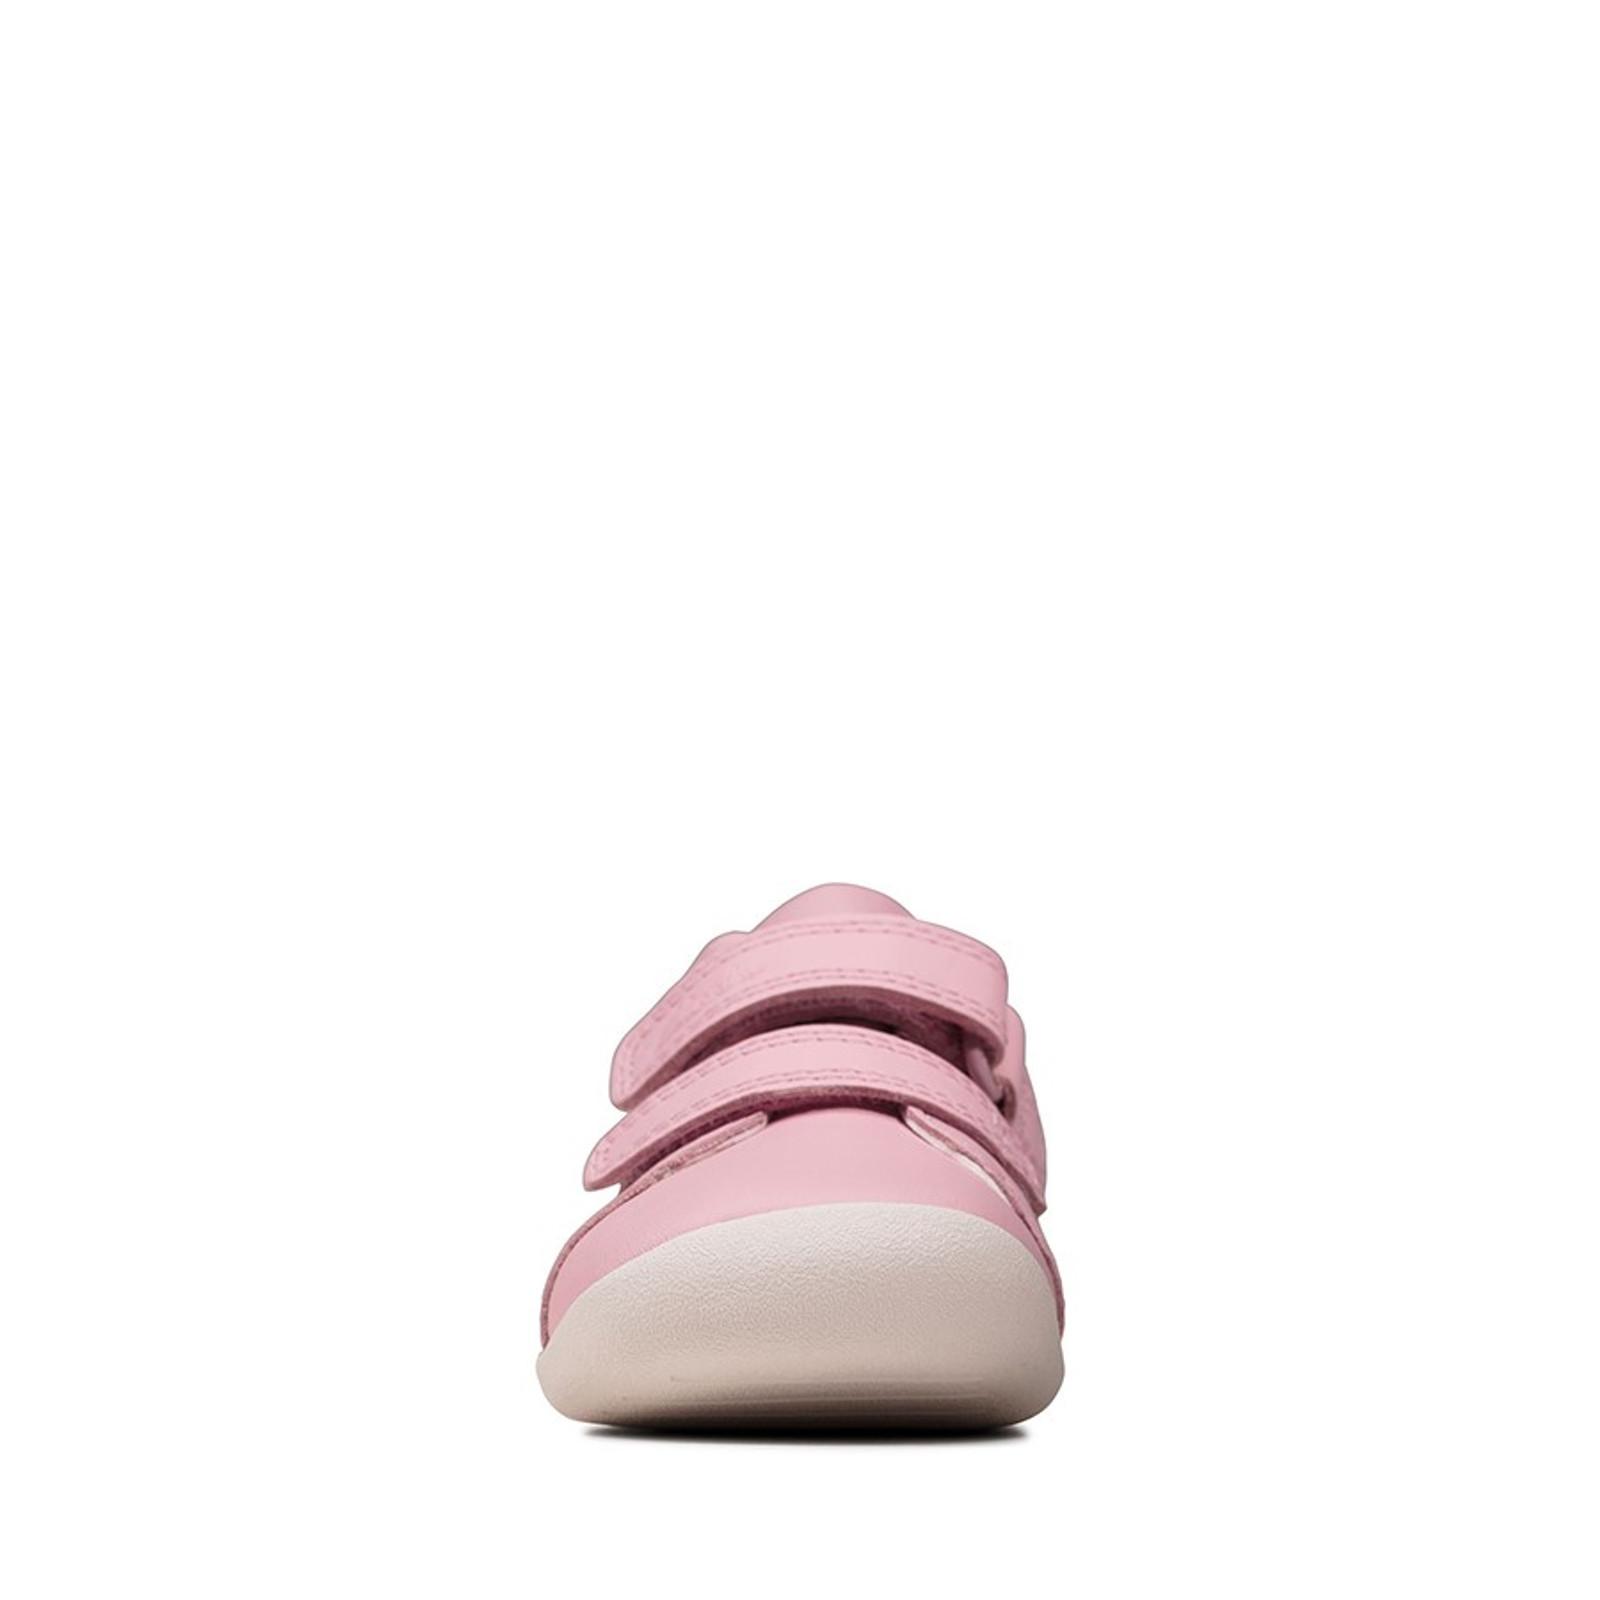 Clarks UnisexChildren ROAMER CRAFT T Pink Leather